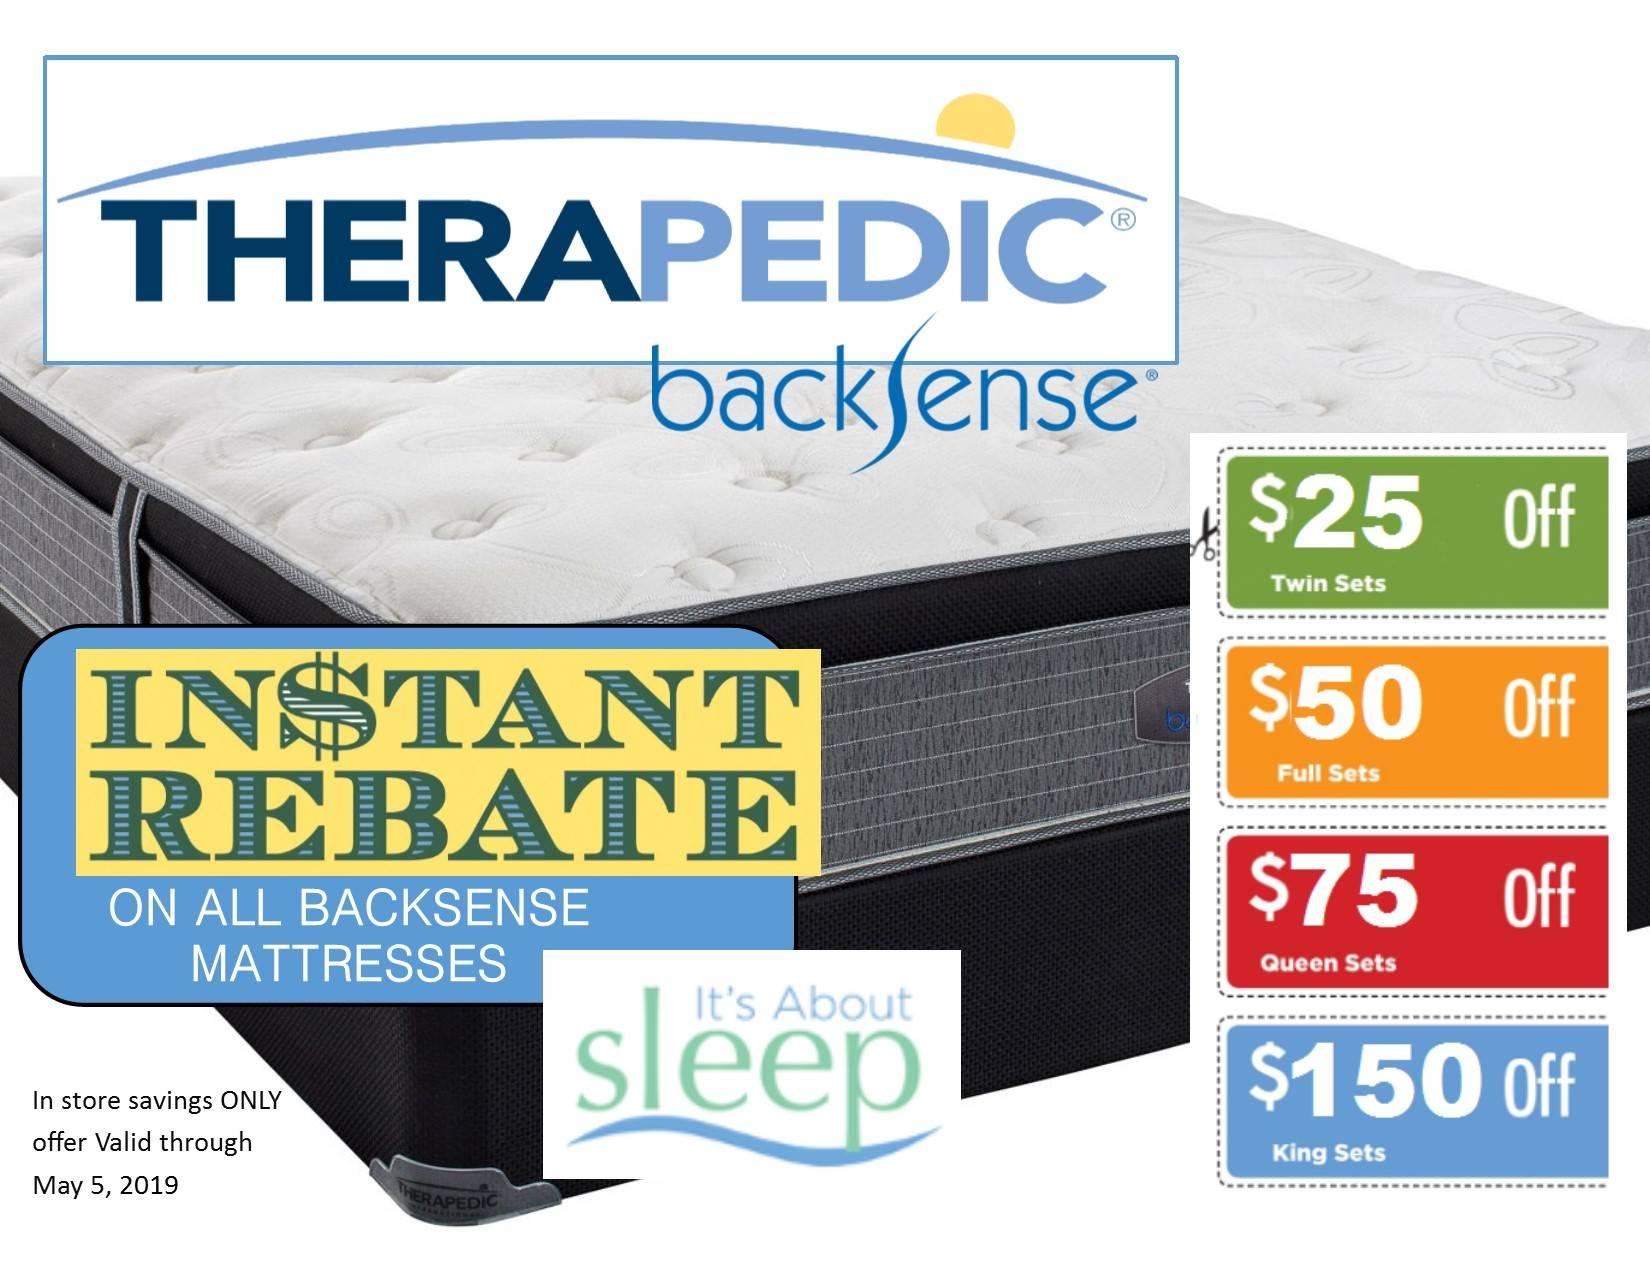 Therapedic BackSense instant rebate sale